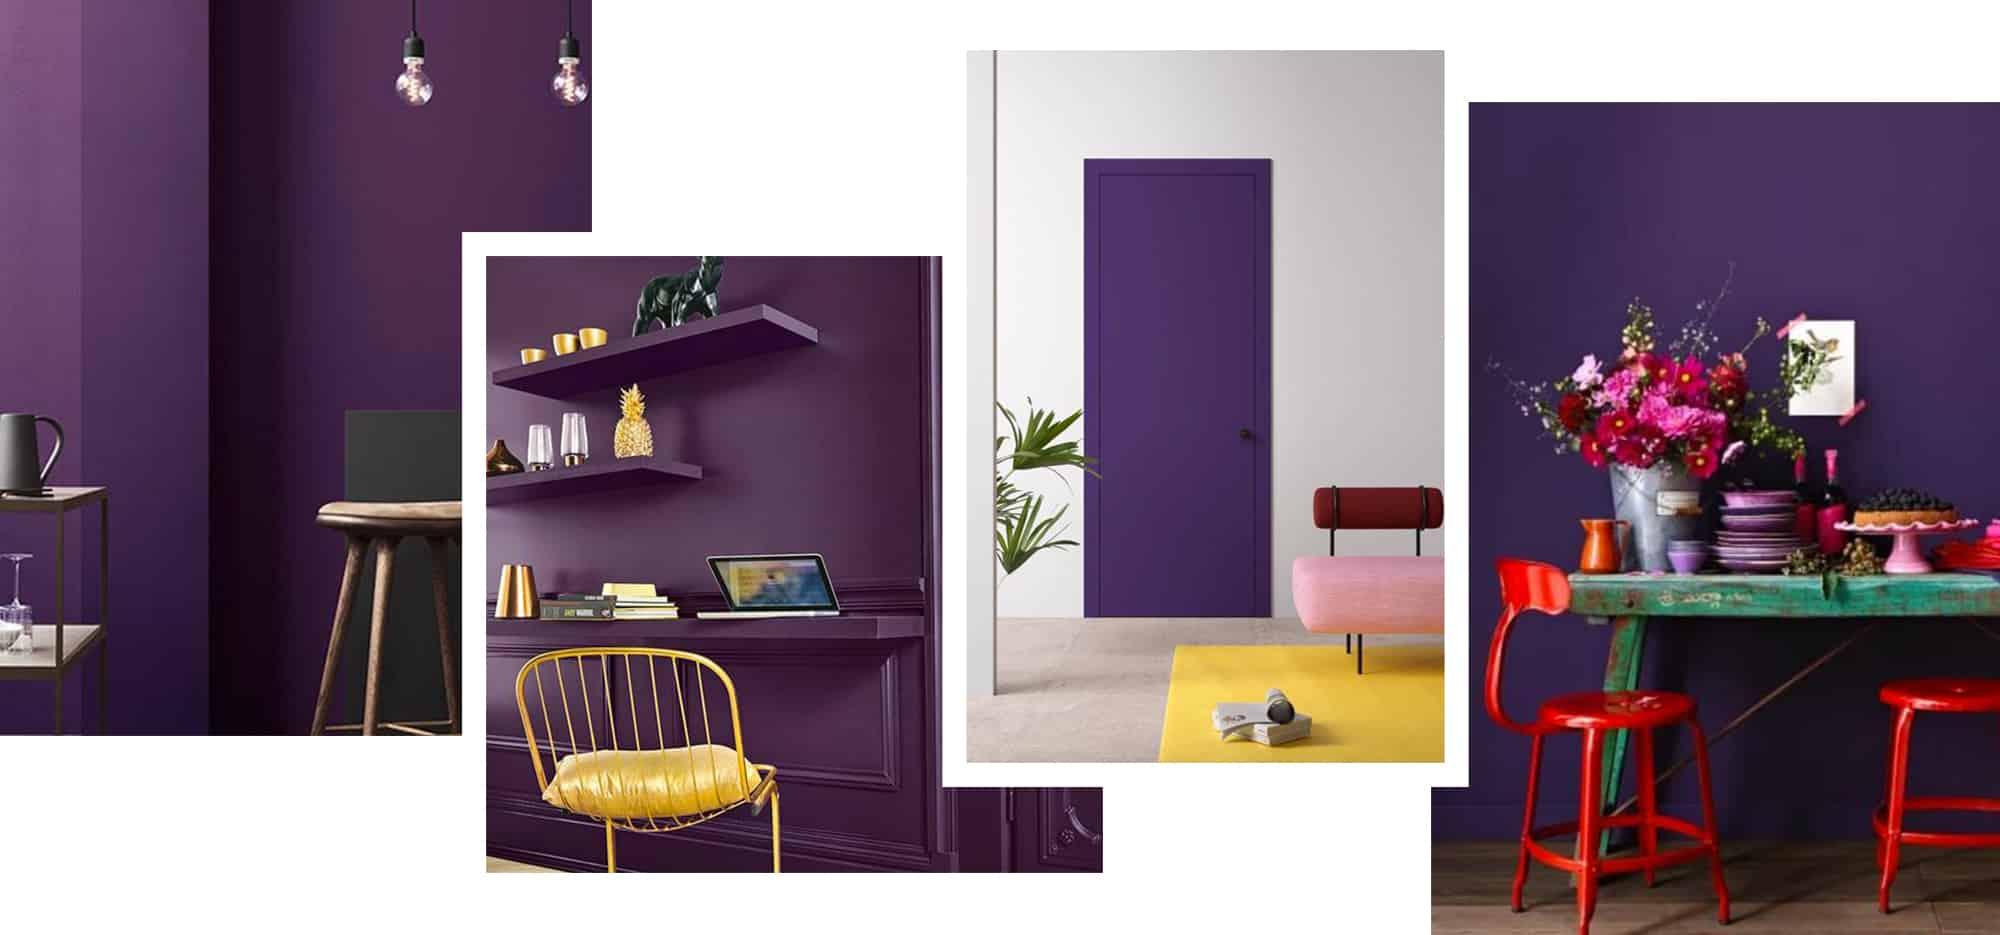 Tendance Couleur Deco 2019 10 couleurs tendance dans la décoration en 2019 !